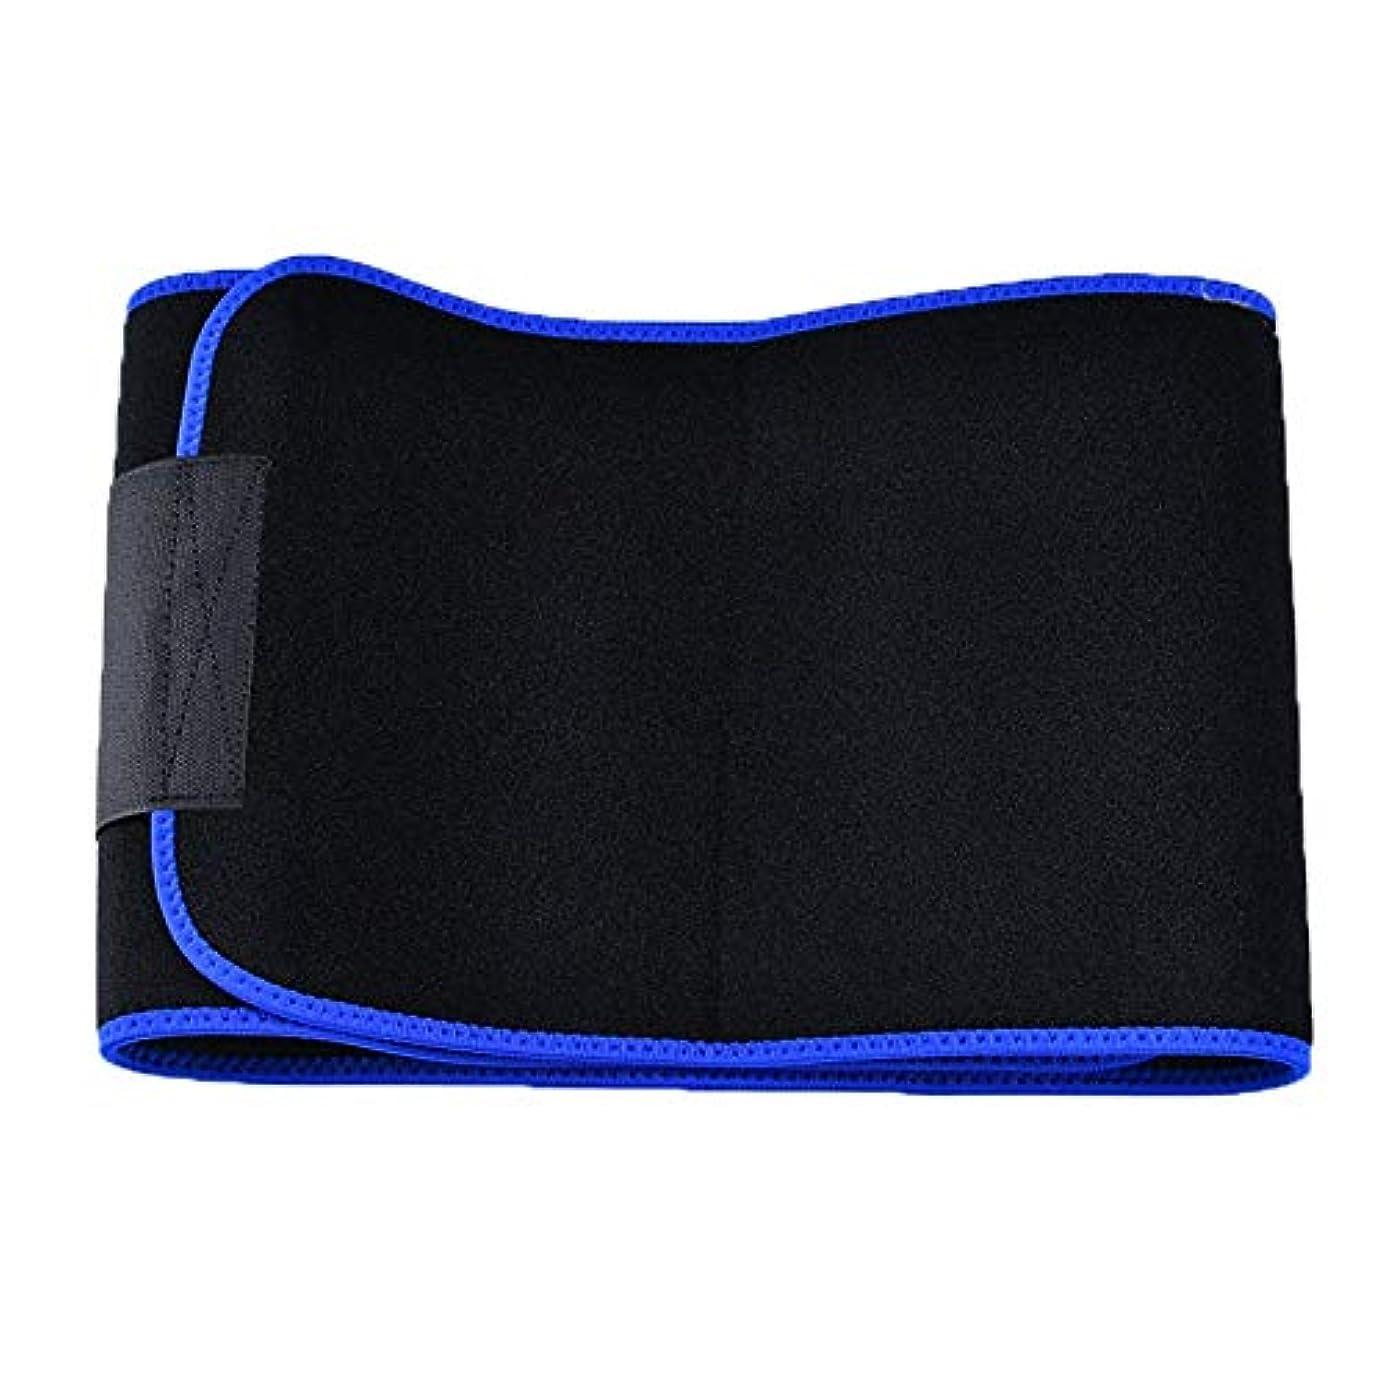 磁器からに変化するささやき発汗ベルトスポーツベルトウエストトレーナーフィットネス腹部トレーニングスウェット